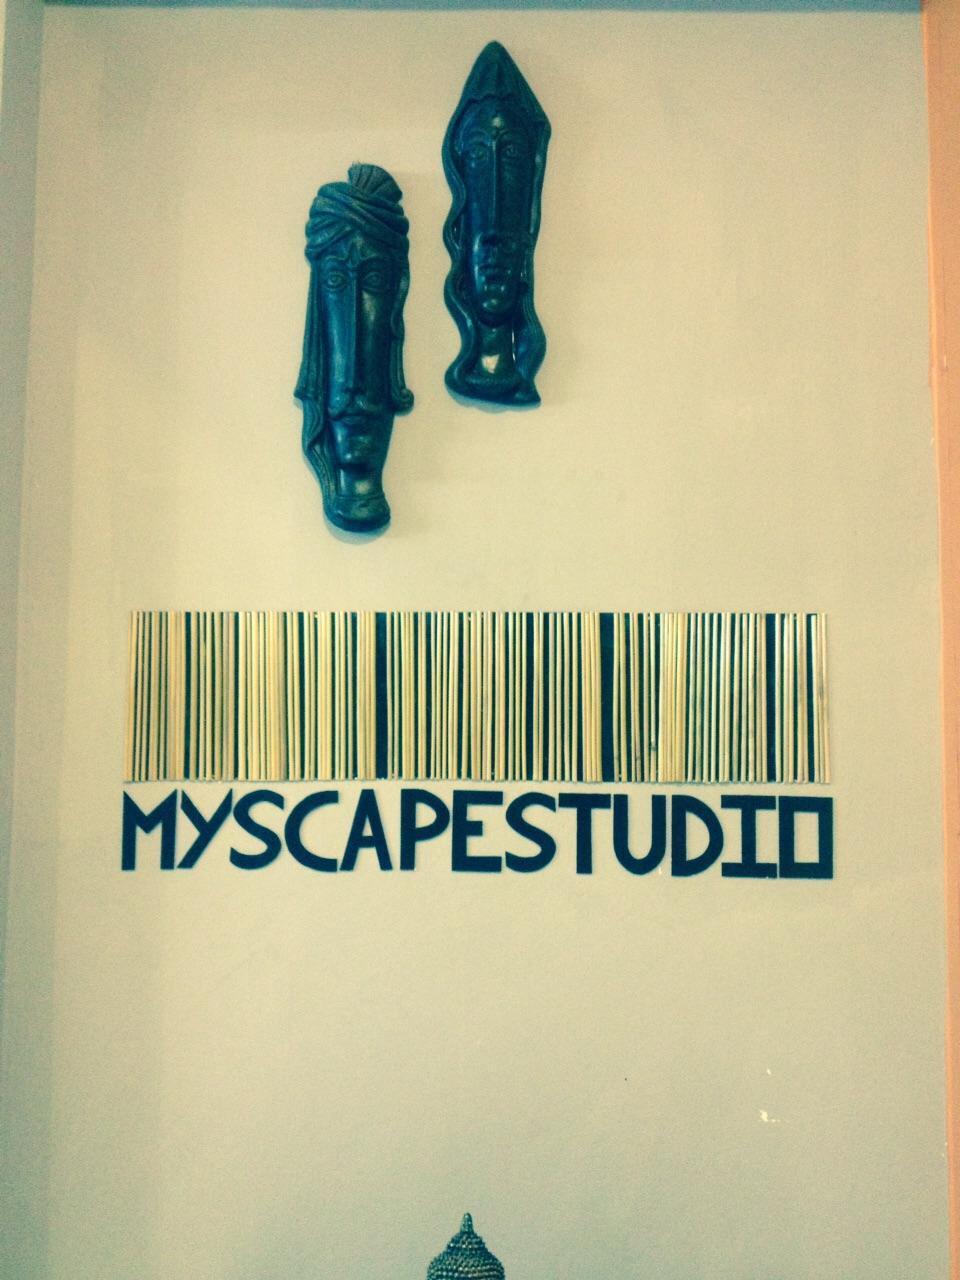 Myscape Studio